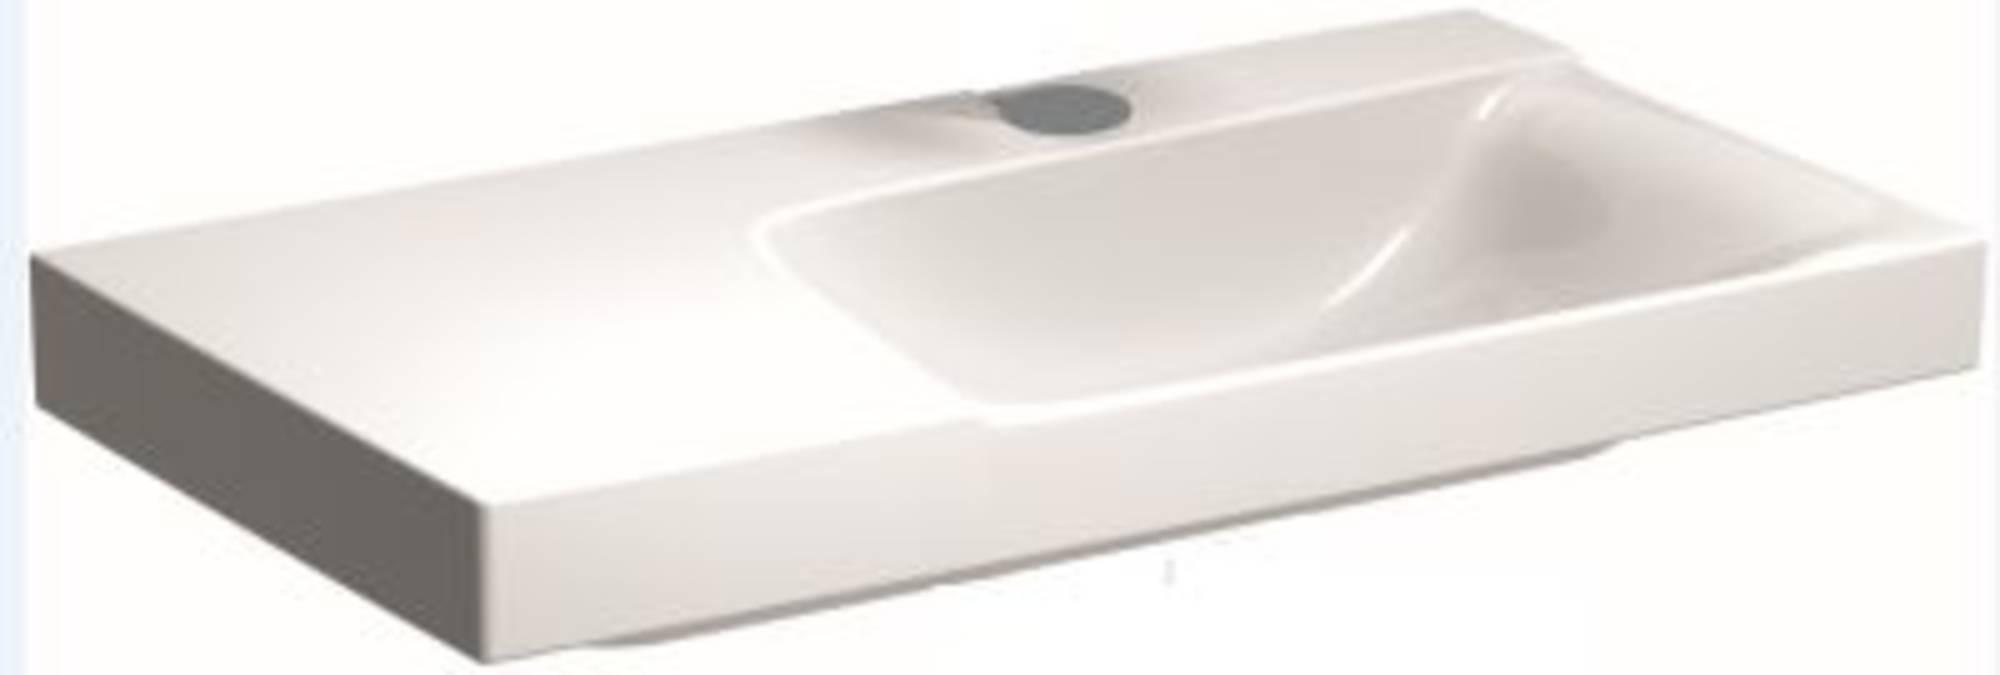 Sphinx Serie 420 new wastafel rechts 90x48 cm, afleg links 1x kraangat, wit